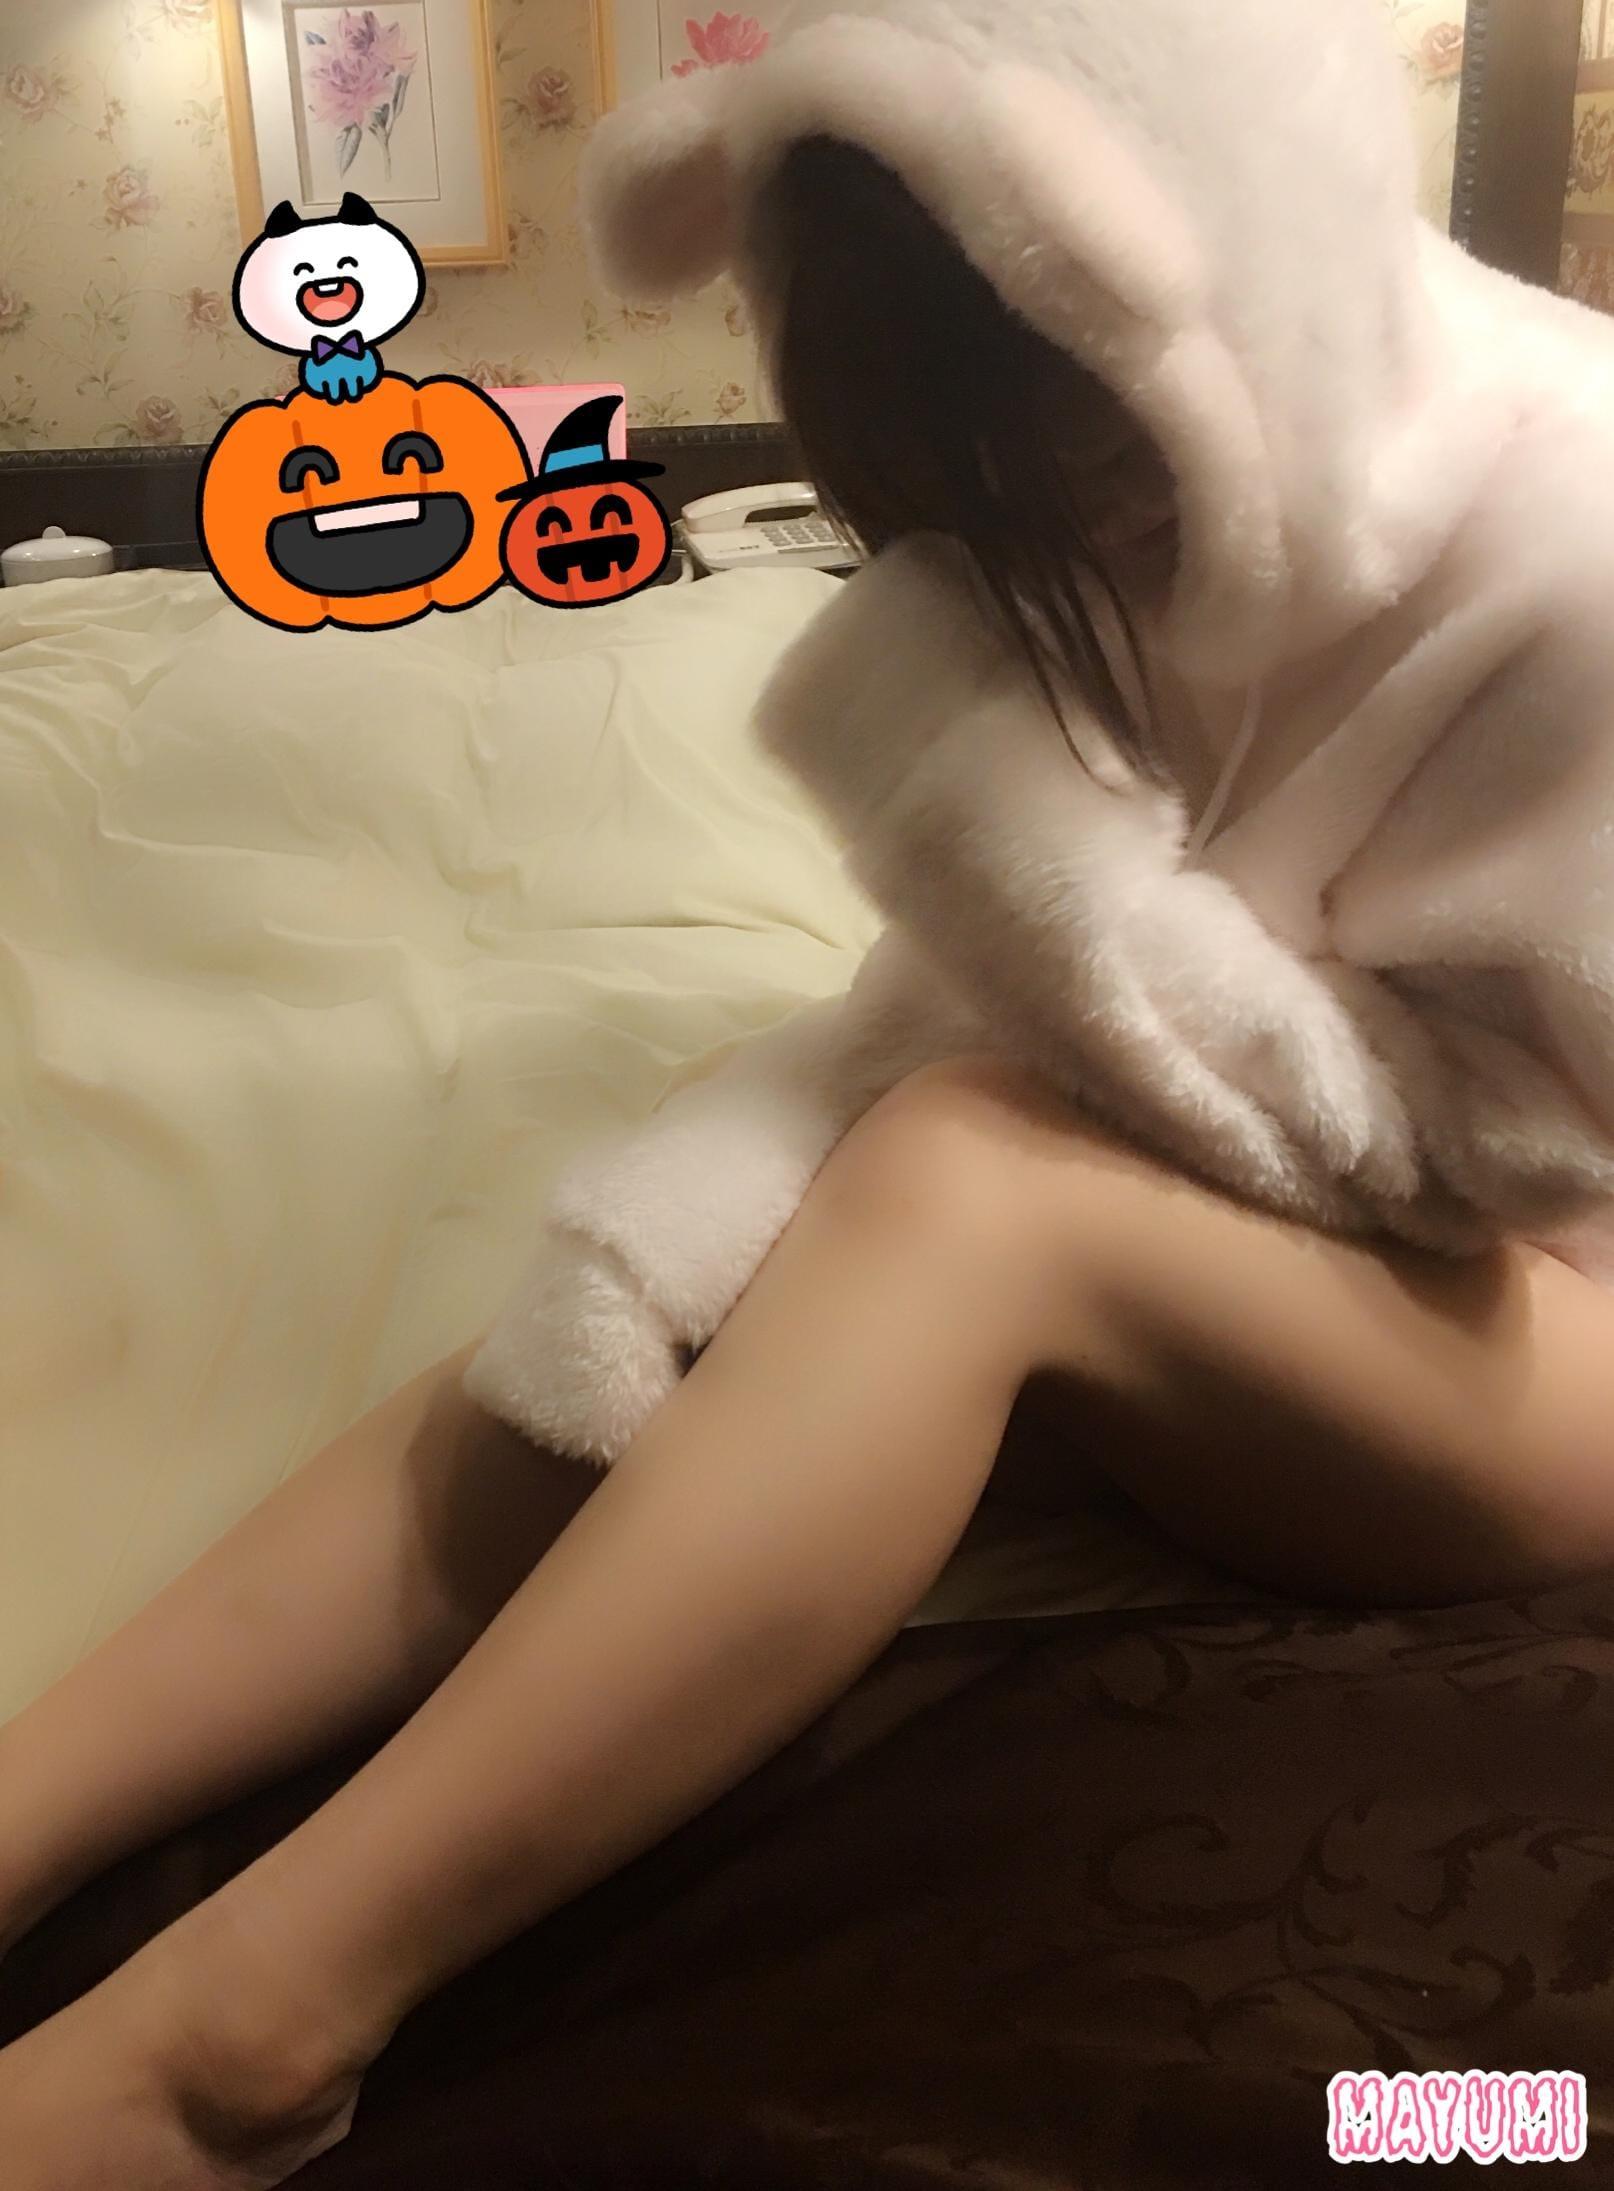 「はやく...♡」10/24(水) 13:03 | 麻佑美(まゆみ)の写メ・風俗動画